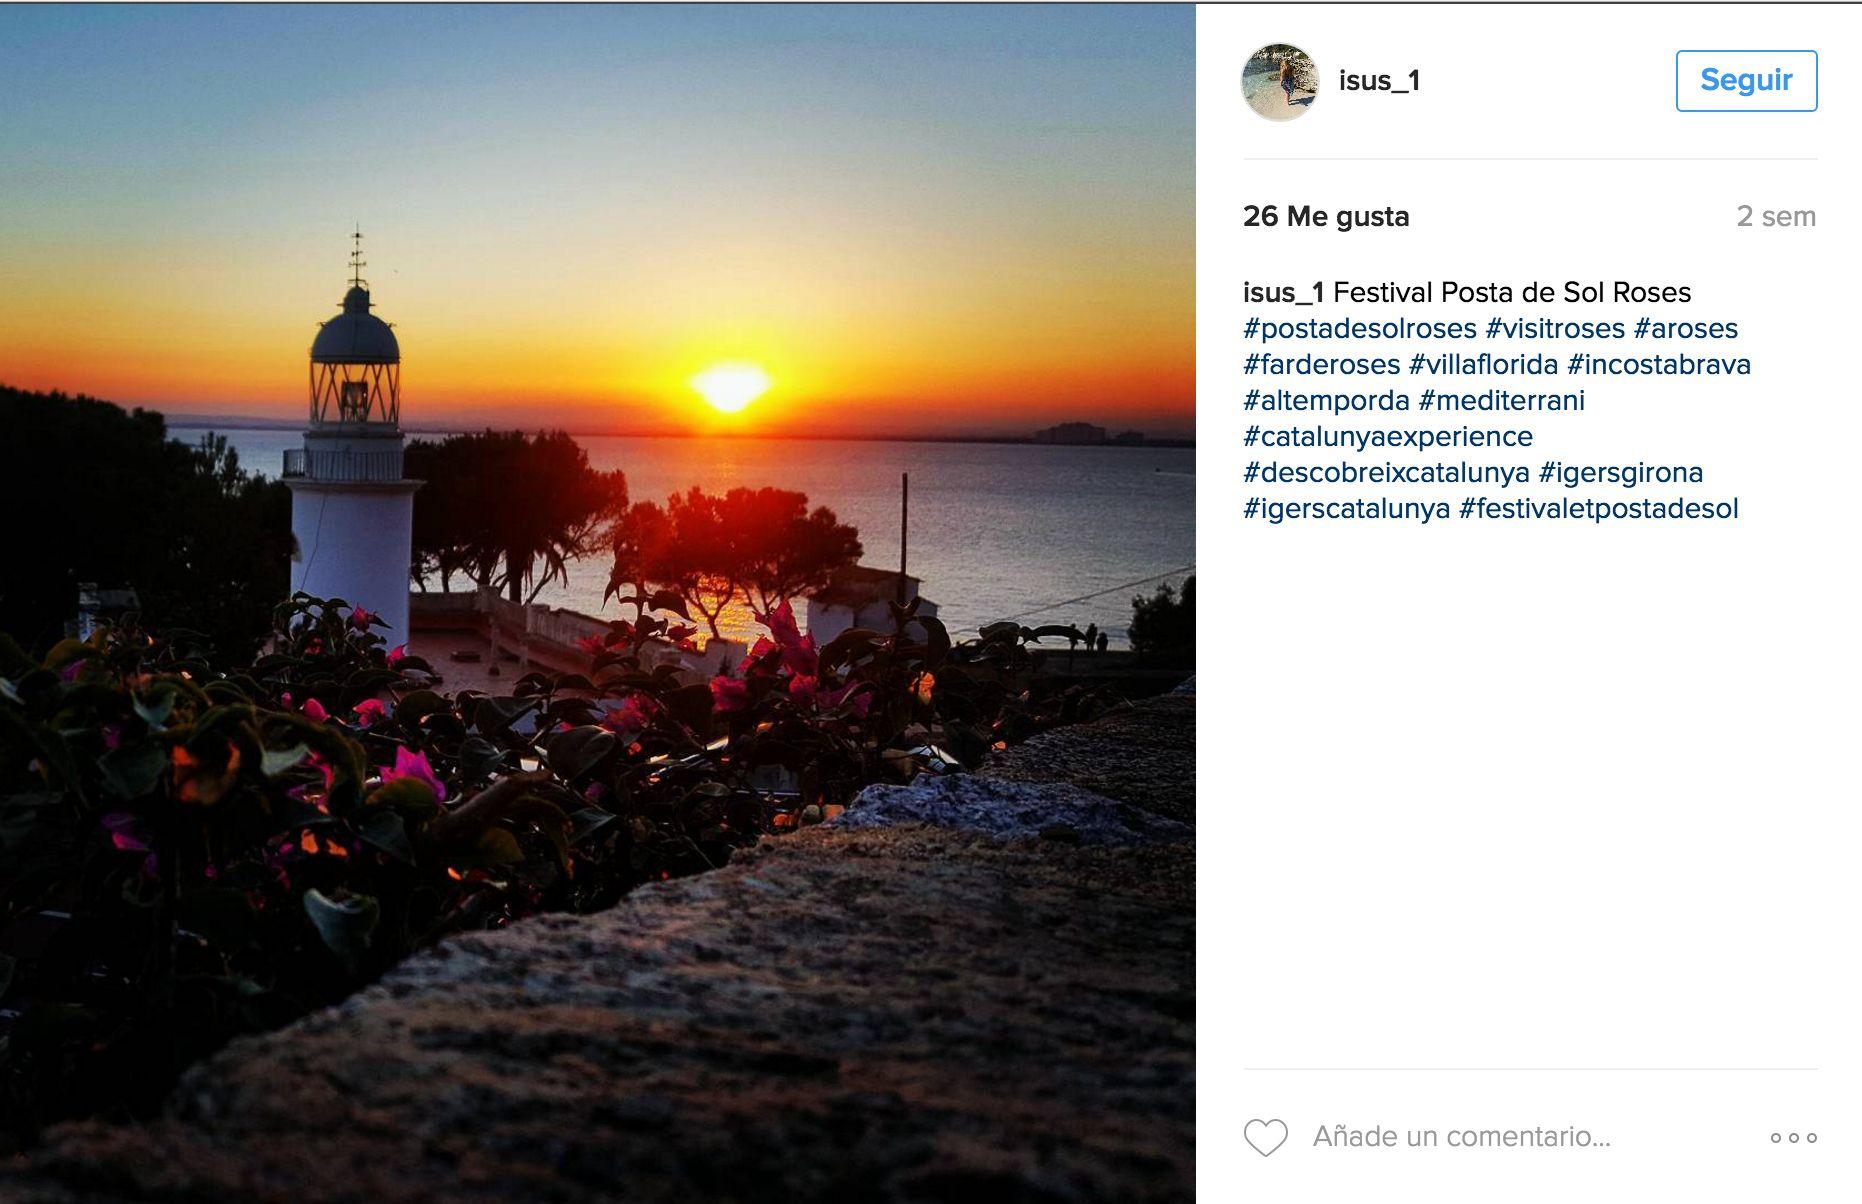 Els guanyadors del concurs d'Instagram del Festivalet Posta de Sol